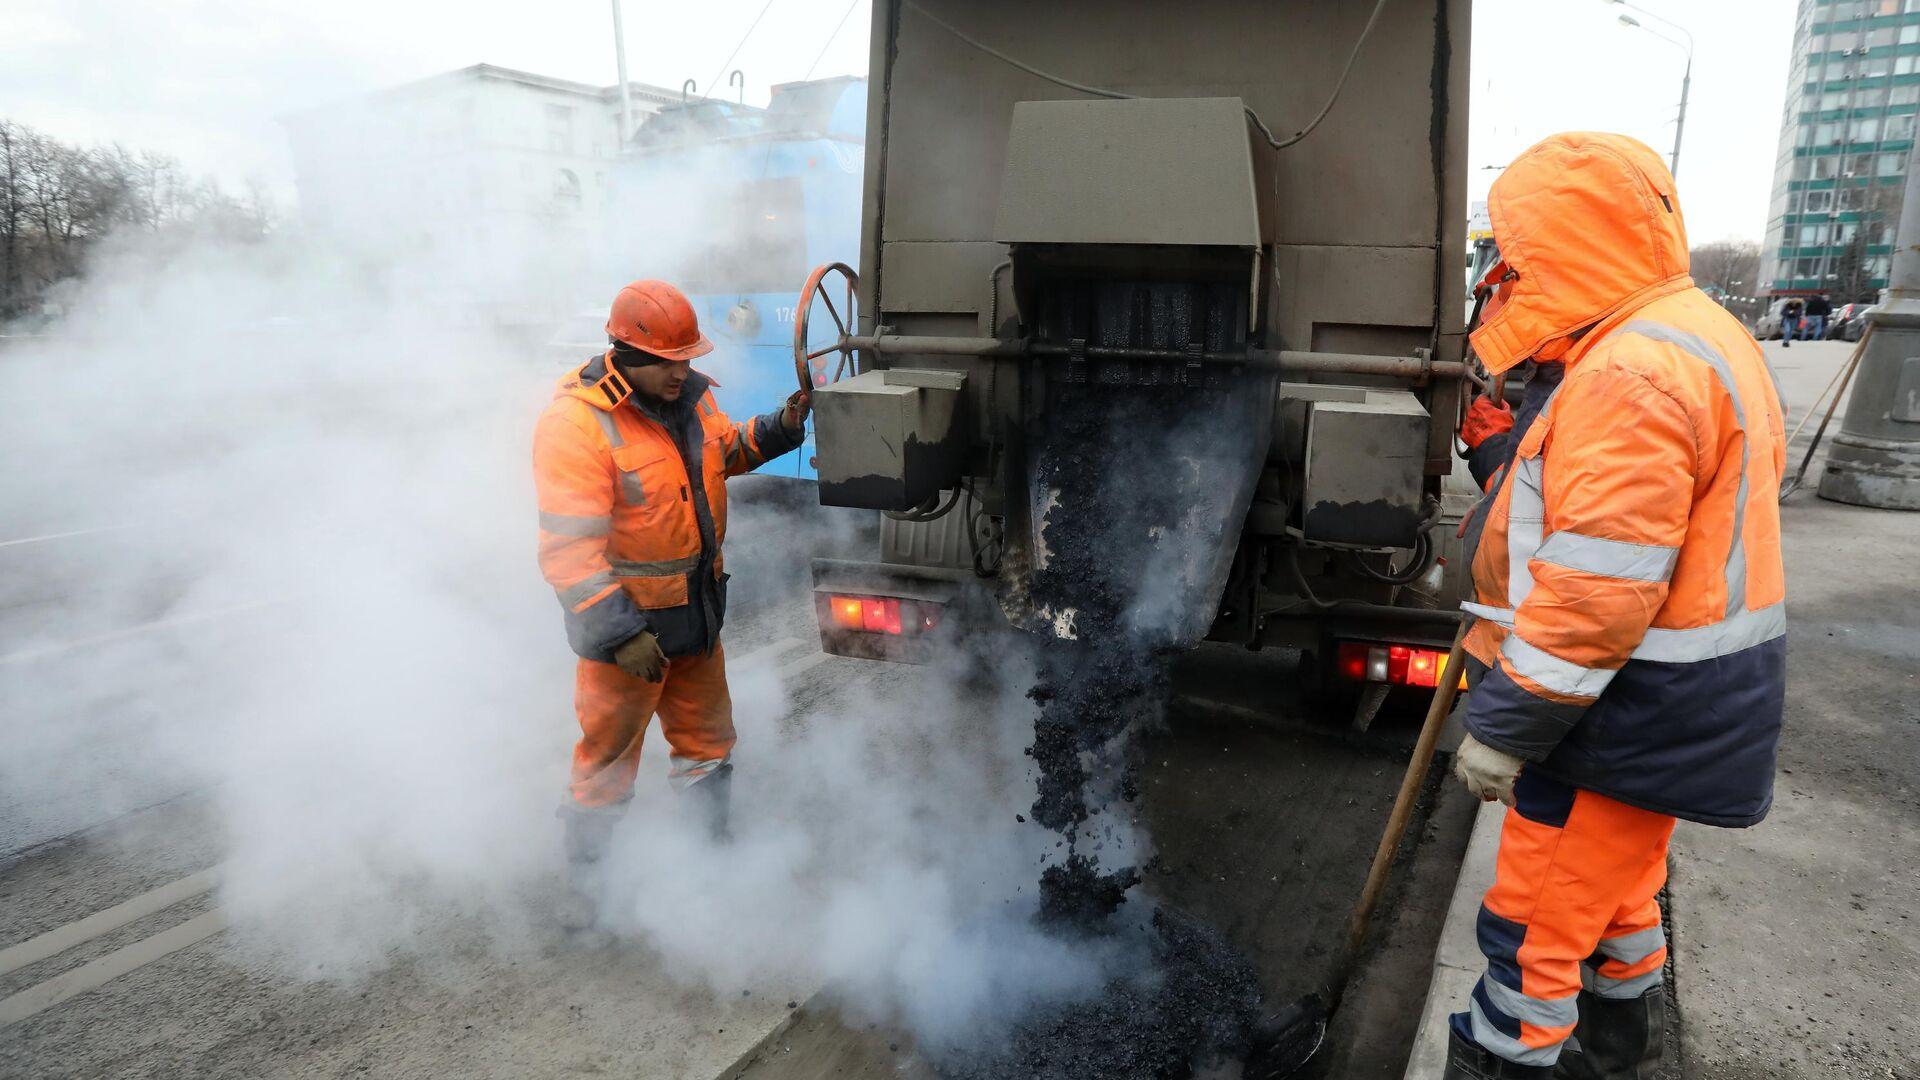 Рабочие бригады ГБУ Автомобильные дороги проводят латочный ремонт дорожного покрытия в Москве - РИА Новости, 1920, 17.12.2020